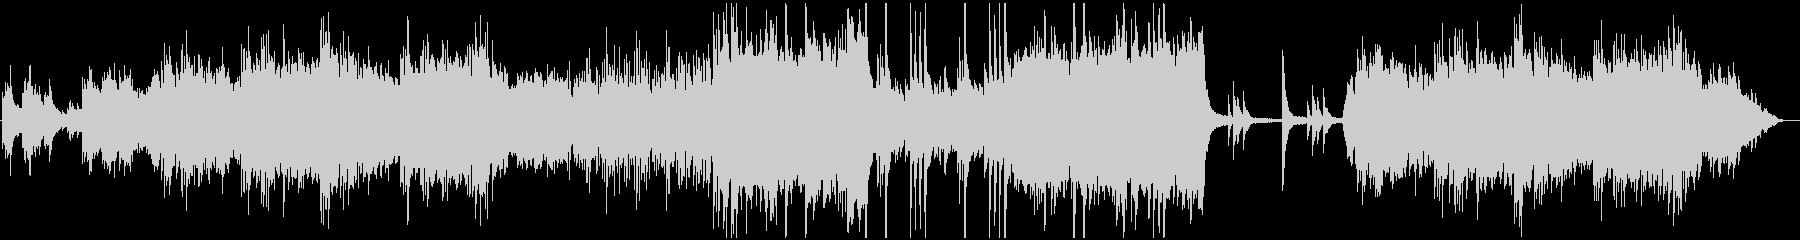 ピアノと弦楽器の物語風BGMの未再生の波形